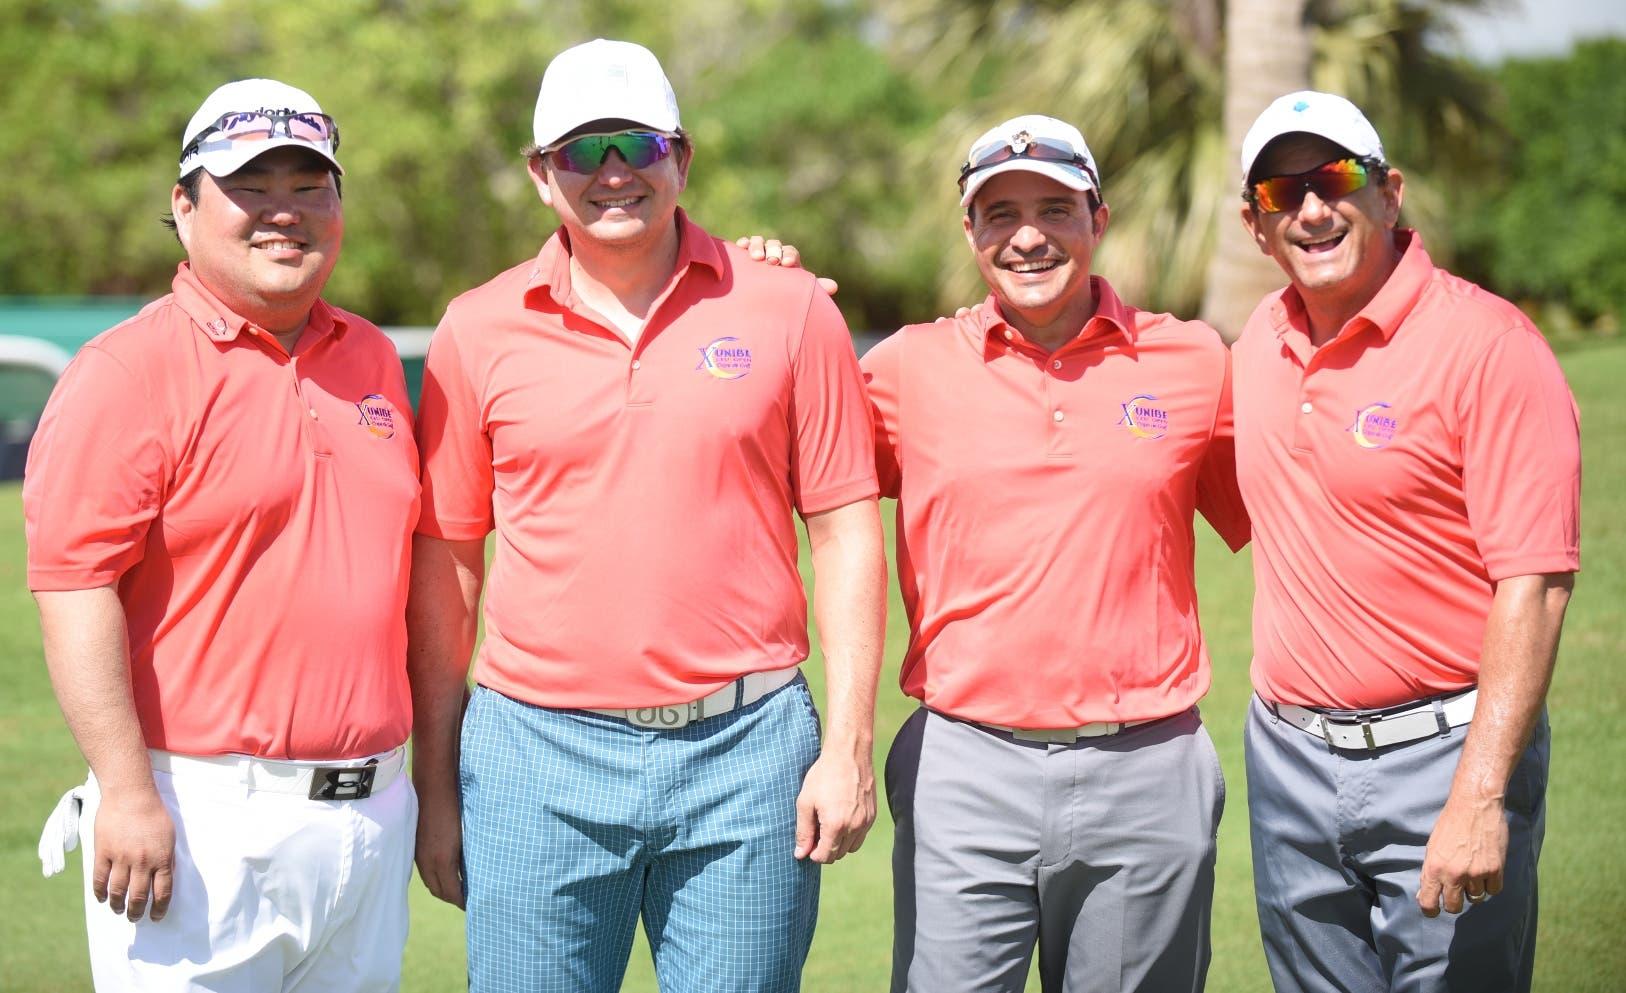 Los campeones, Ho Jin Kang y Stephany Kim, al centro,  junto a Rafael Villalona y Enrique Valverde, de la  Fedogolf.